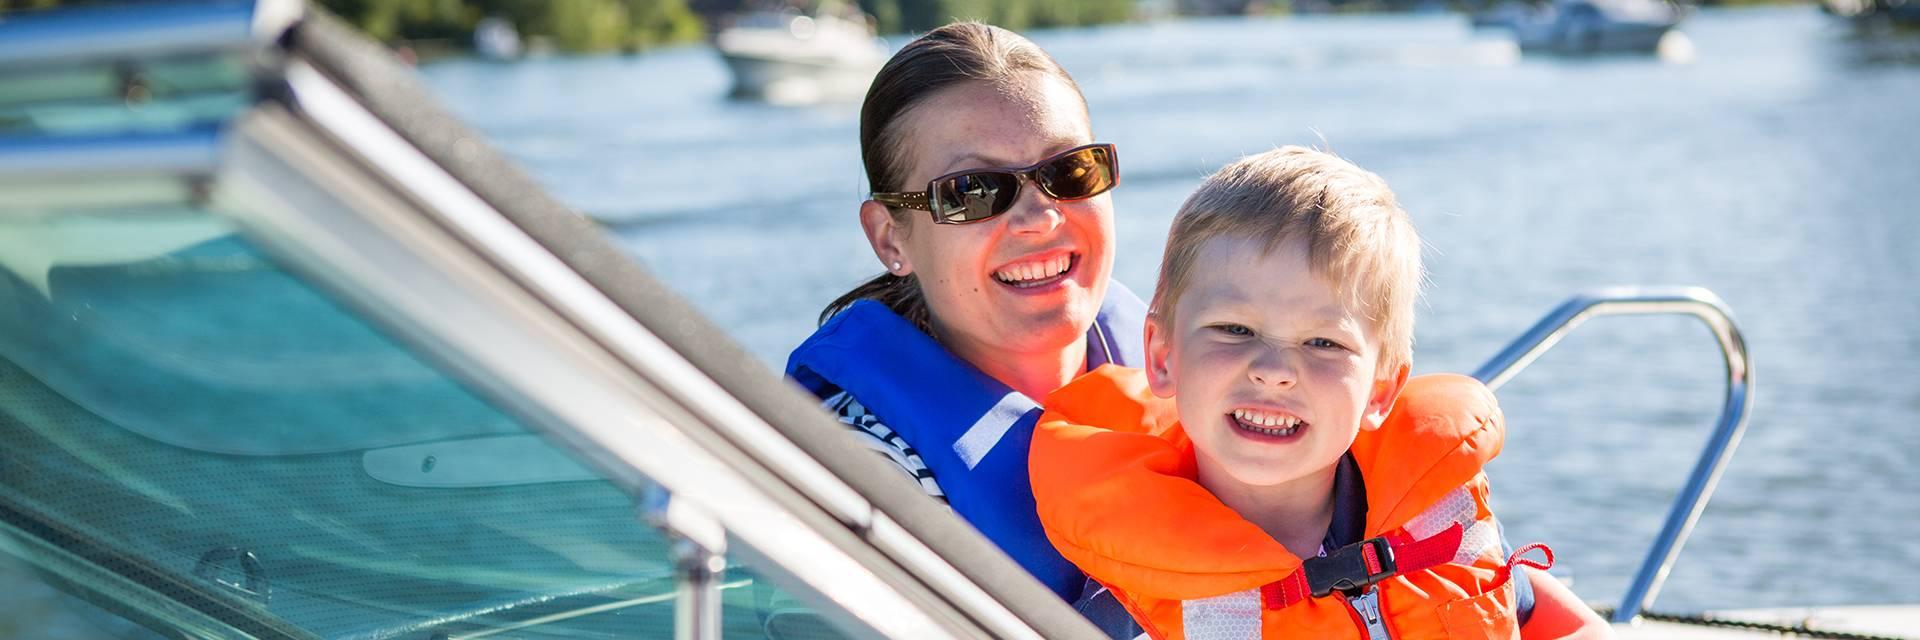 Nainen ja poika istuvat veneessä